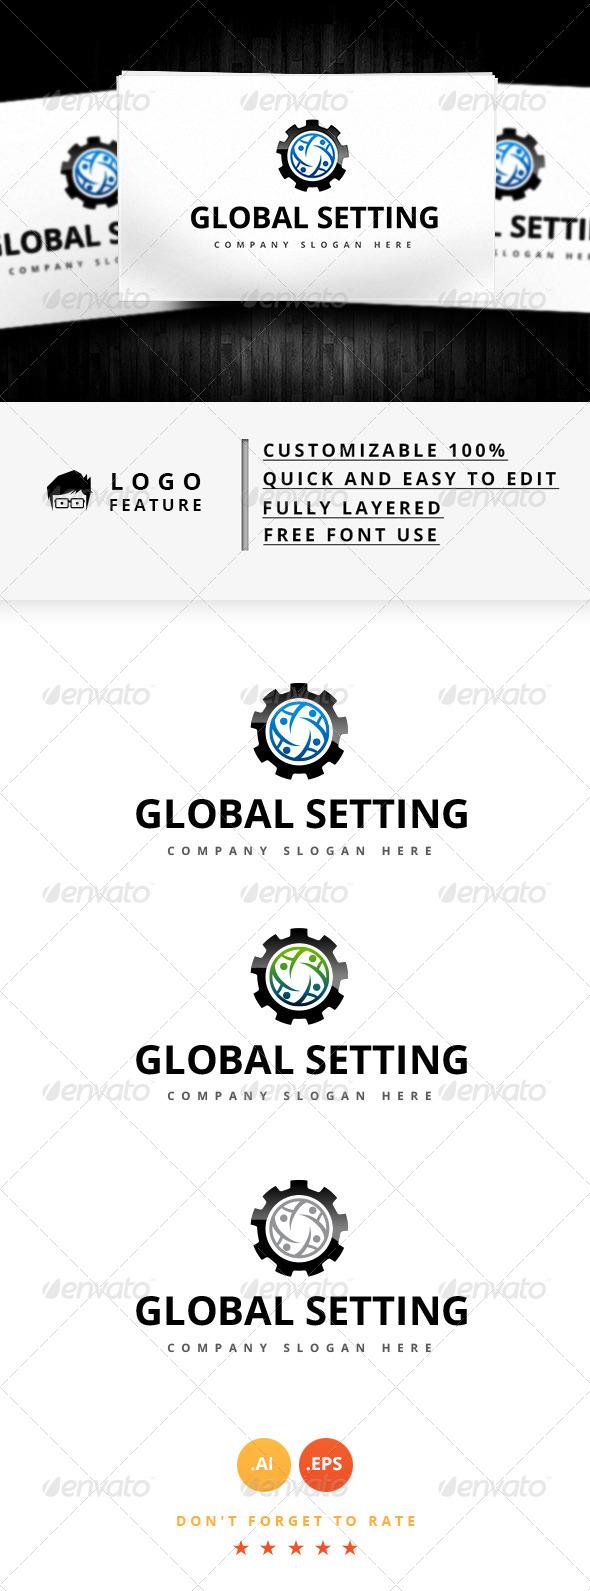 Global Setting